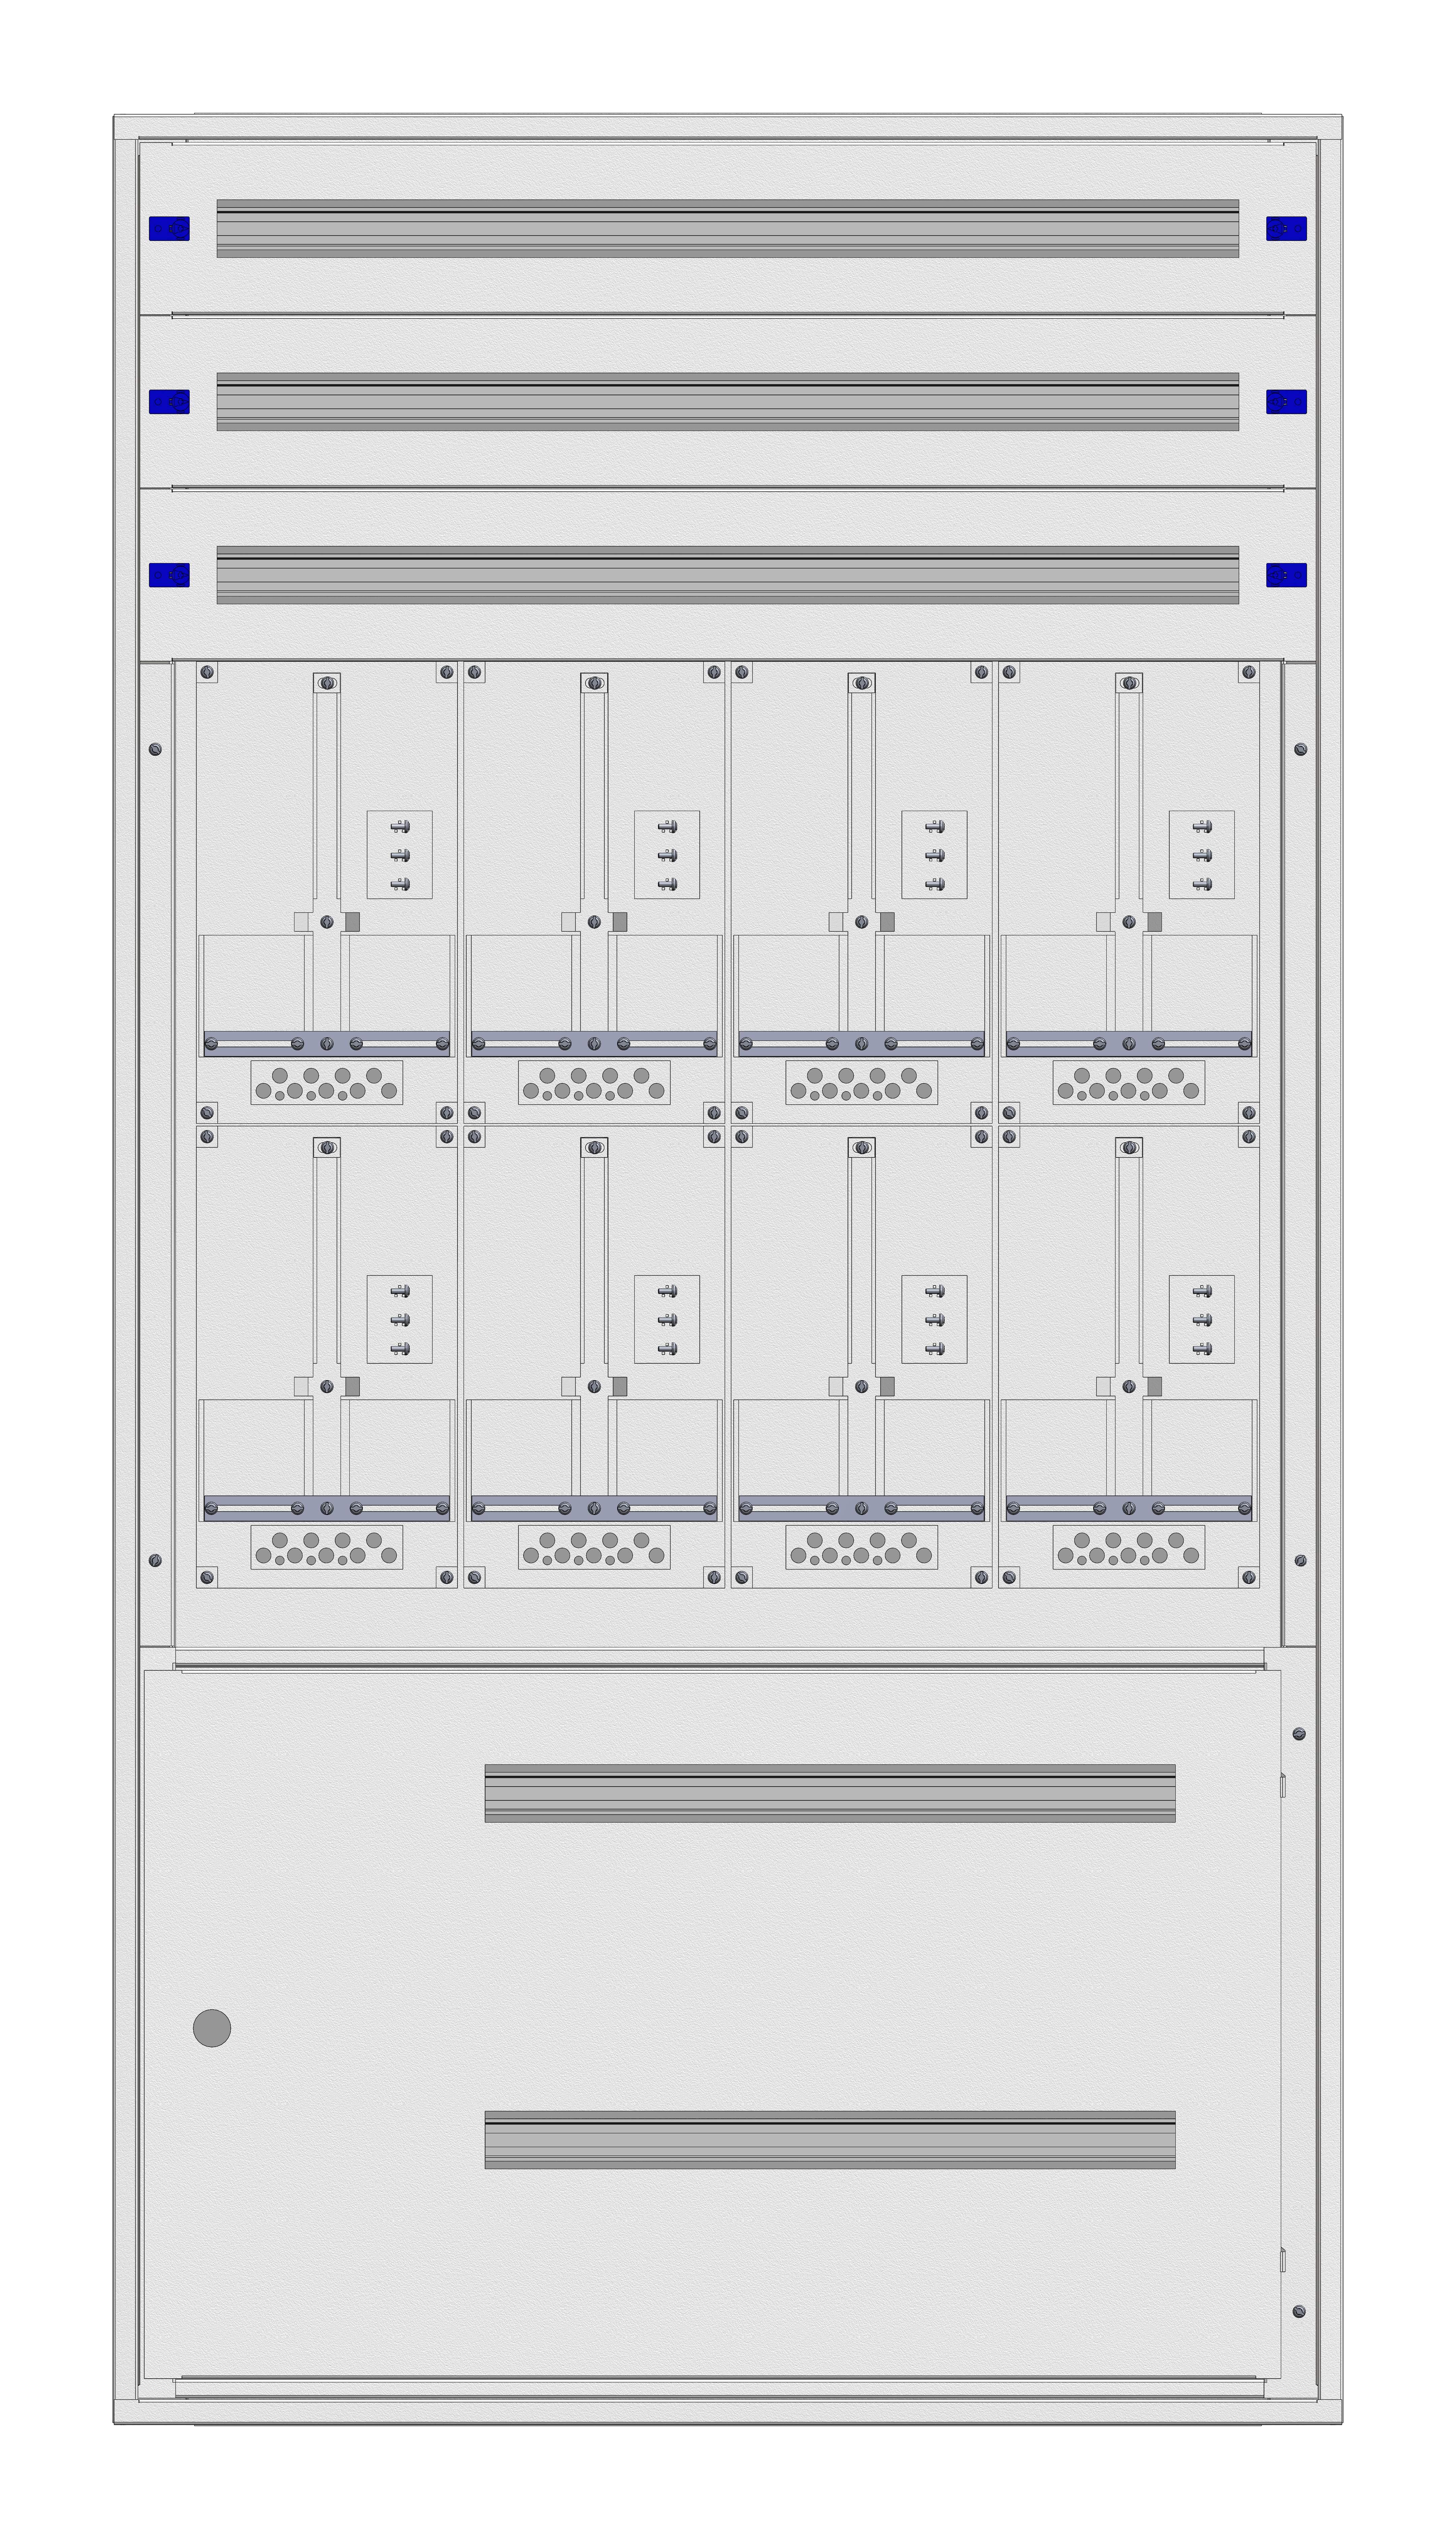 1 Stk Unterputz-Zählerverteiler 4U-39G/STMK 8ZP, H1885B1030T250mm IL166439GS